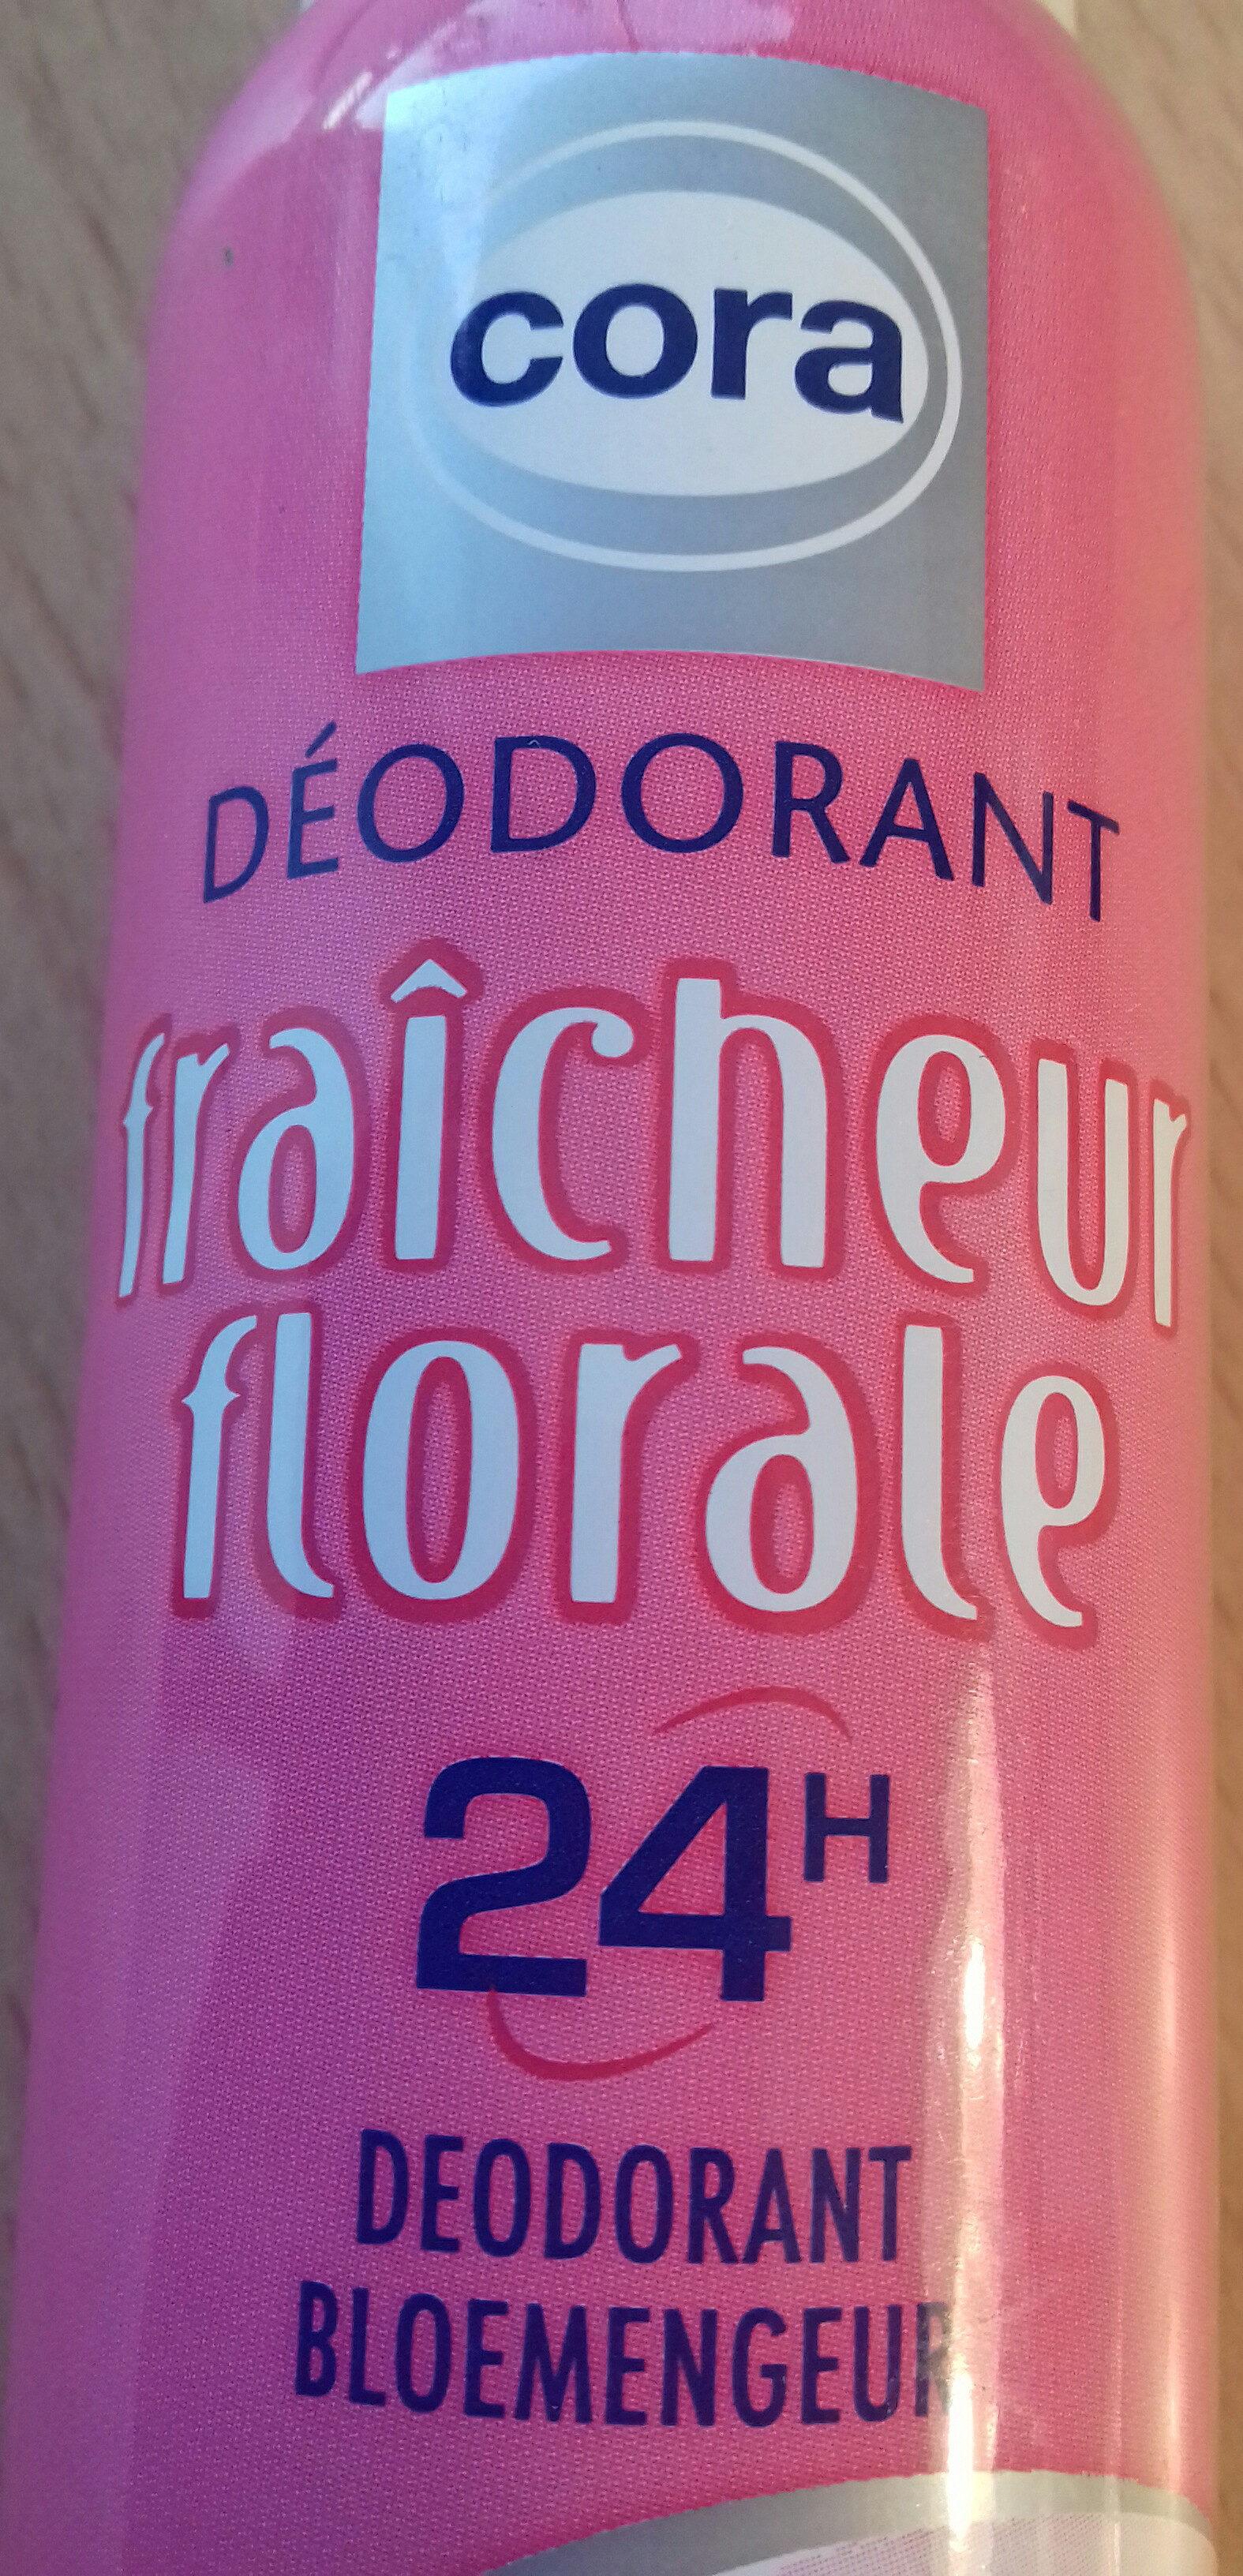 Déodorant fraîcheur florale - Product